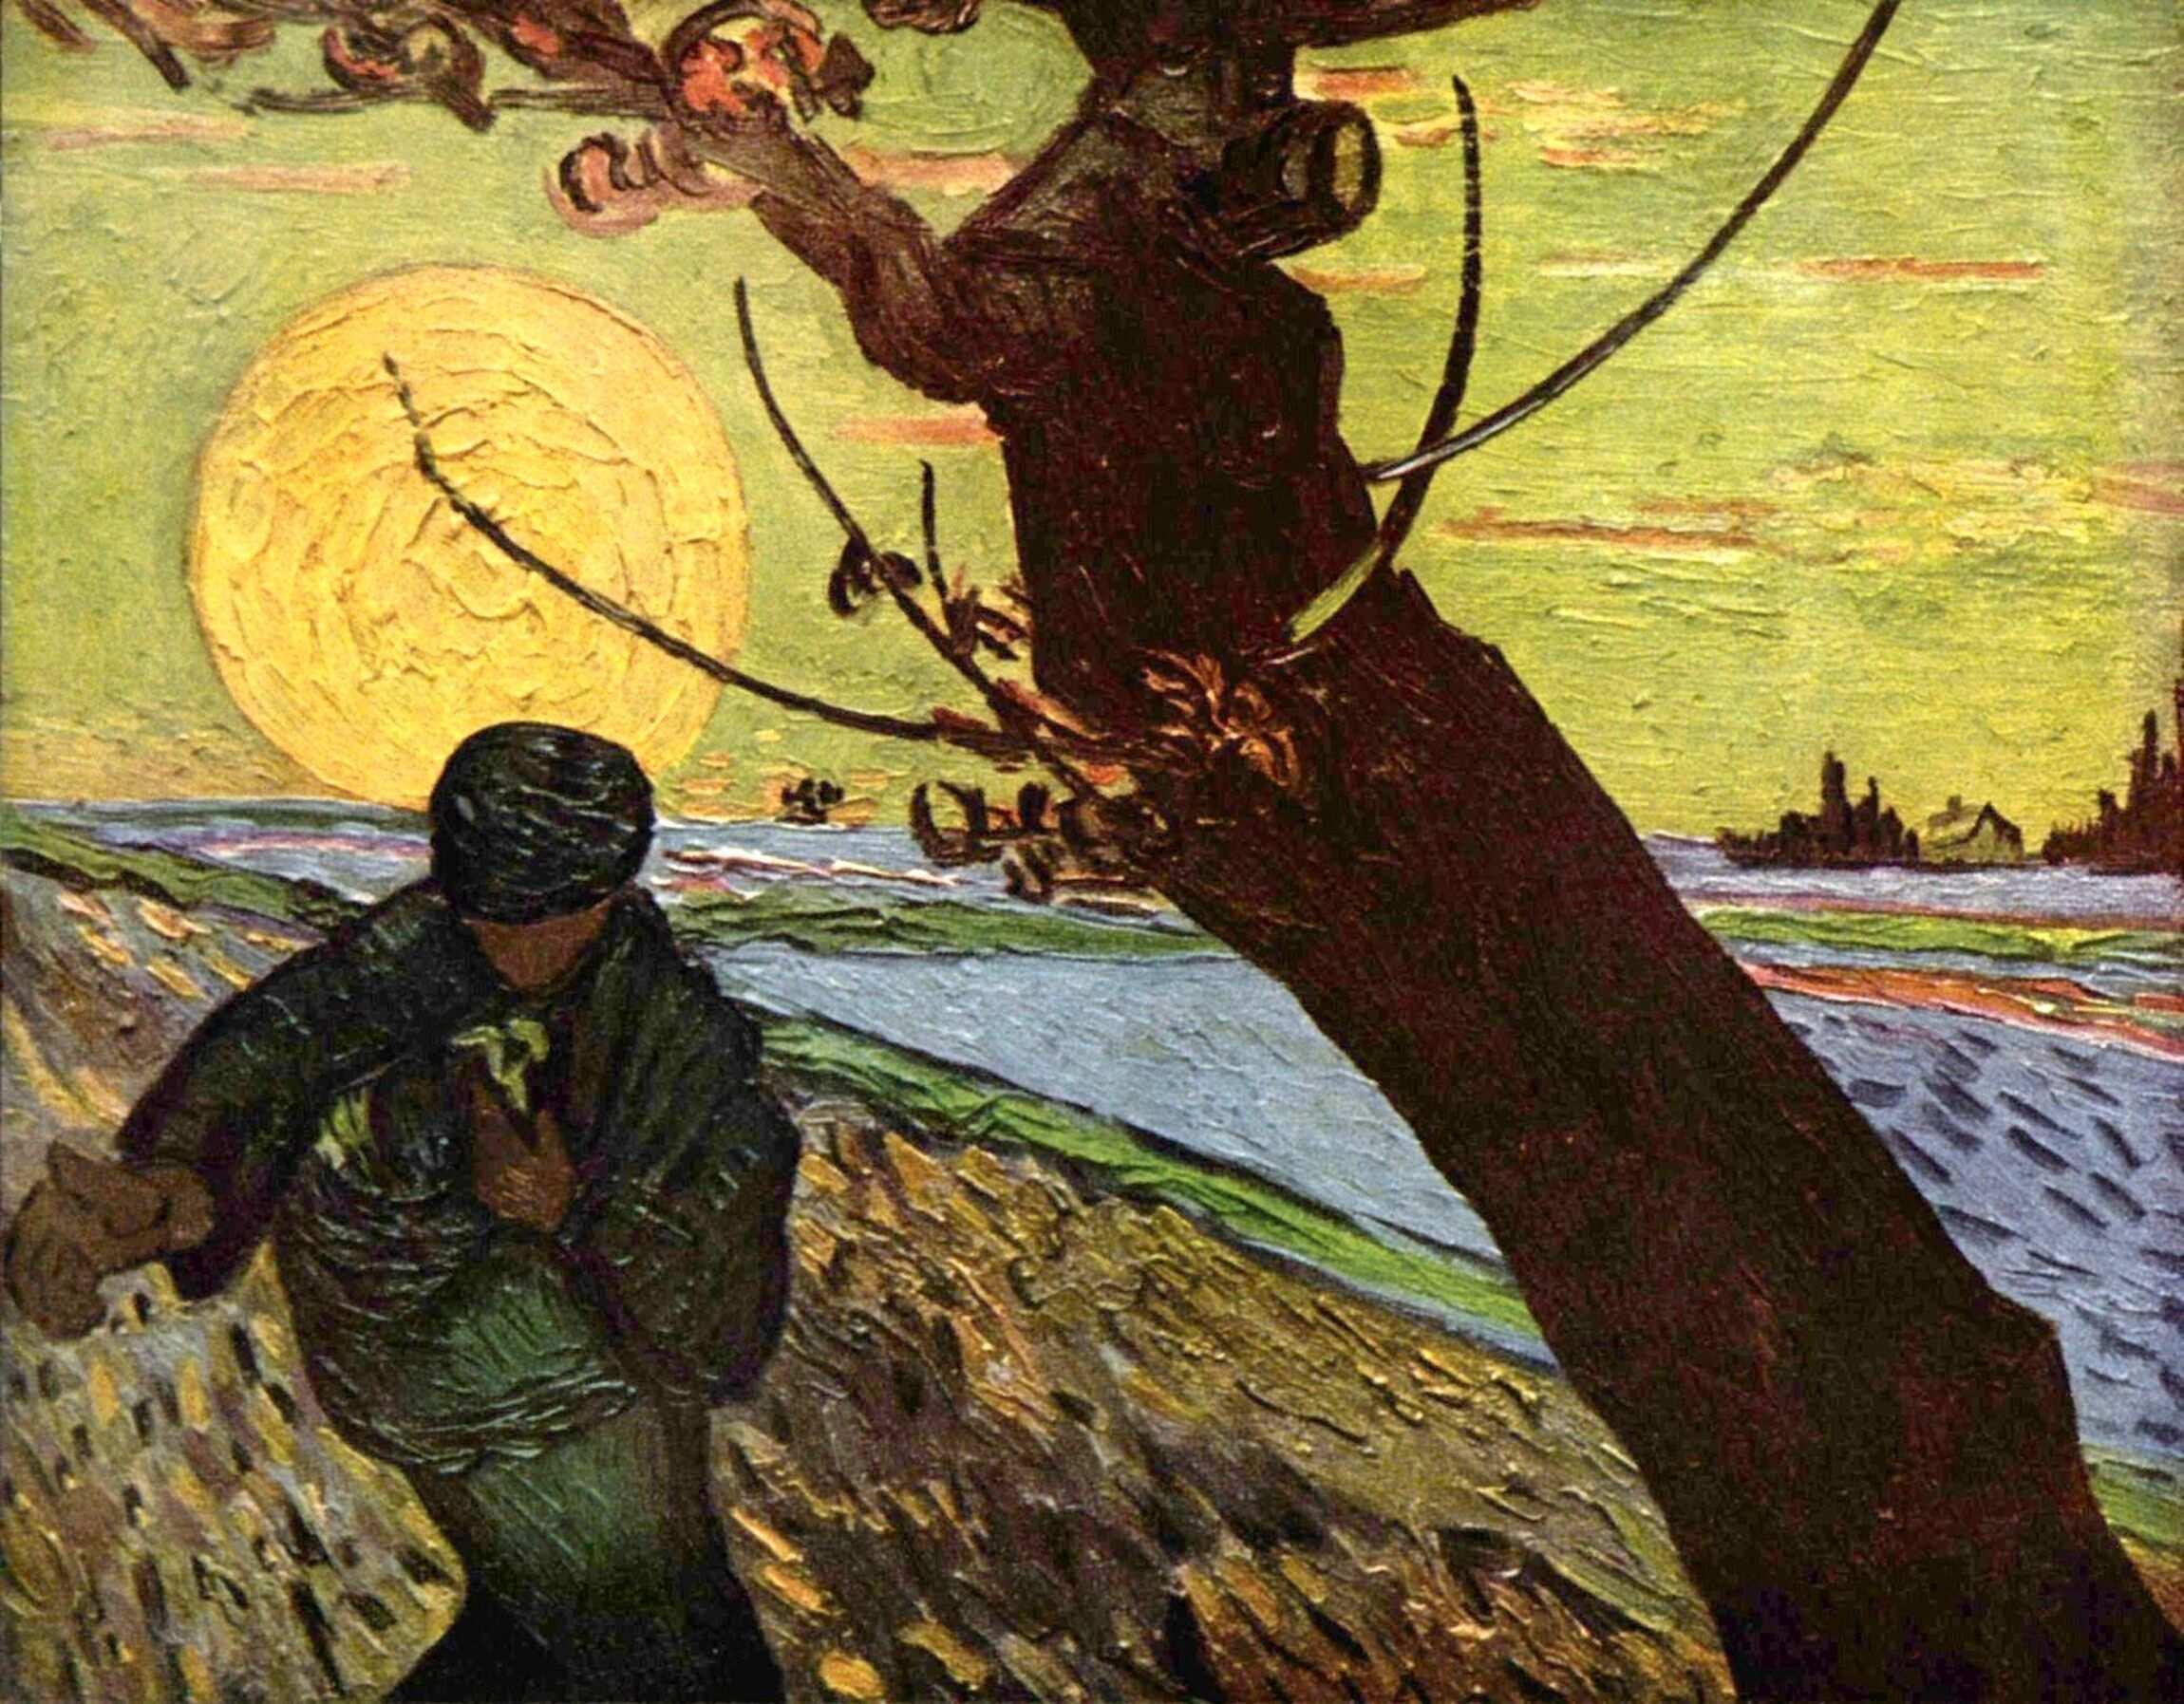 Religionspadagogisches Institut Loccum Der Samann Von Vincent Van Gogh